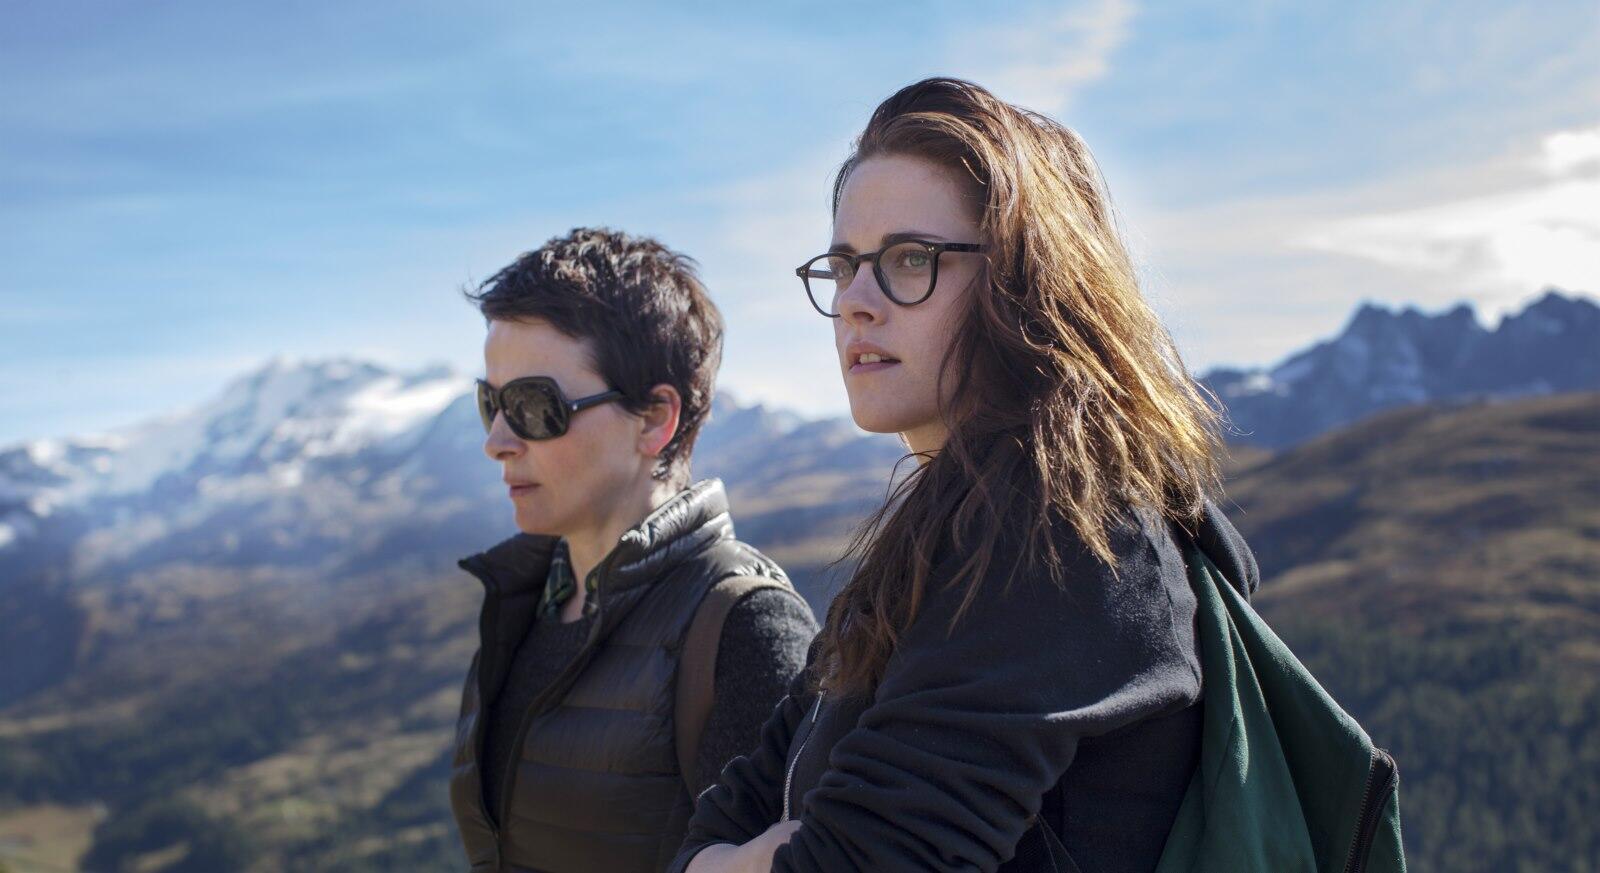 Juliette Binoche and Kristen Stewart in Olivier Assayas's Sils Maria